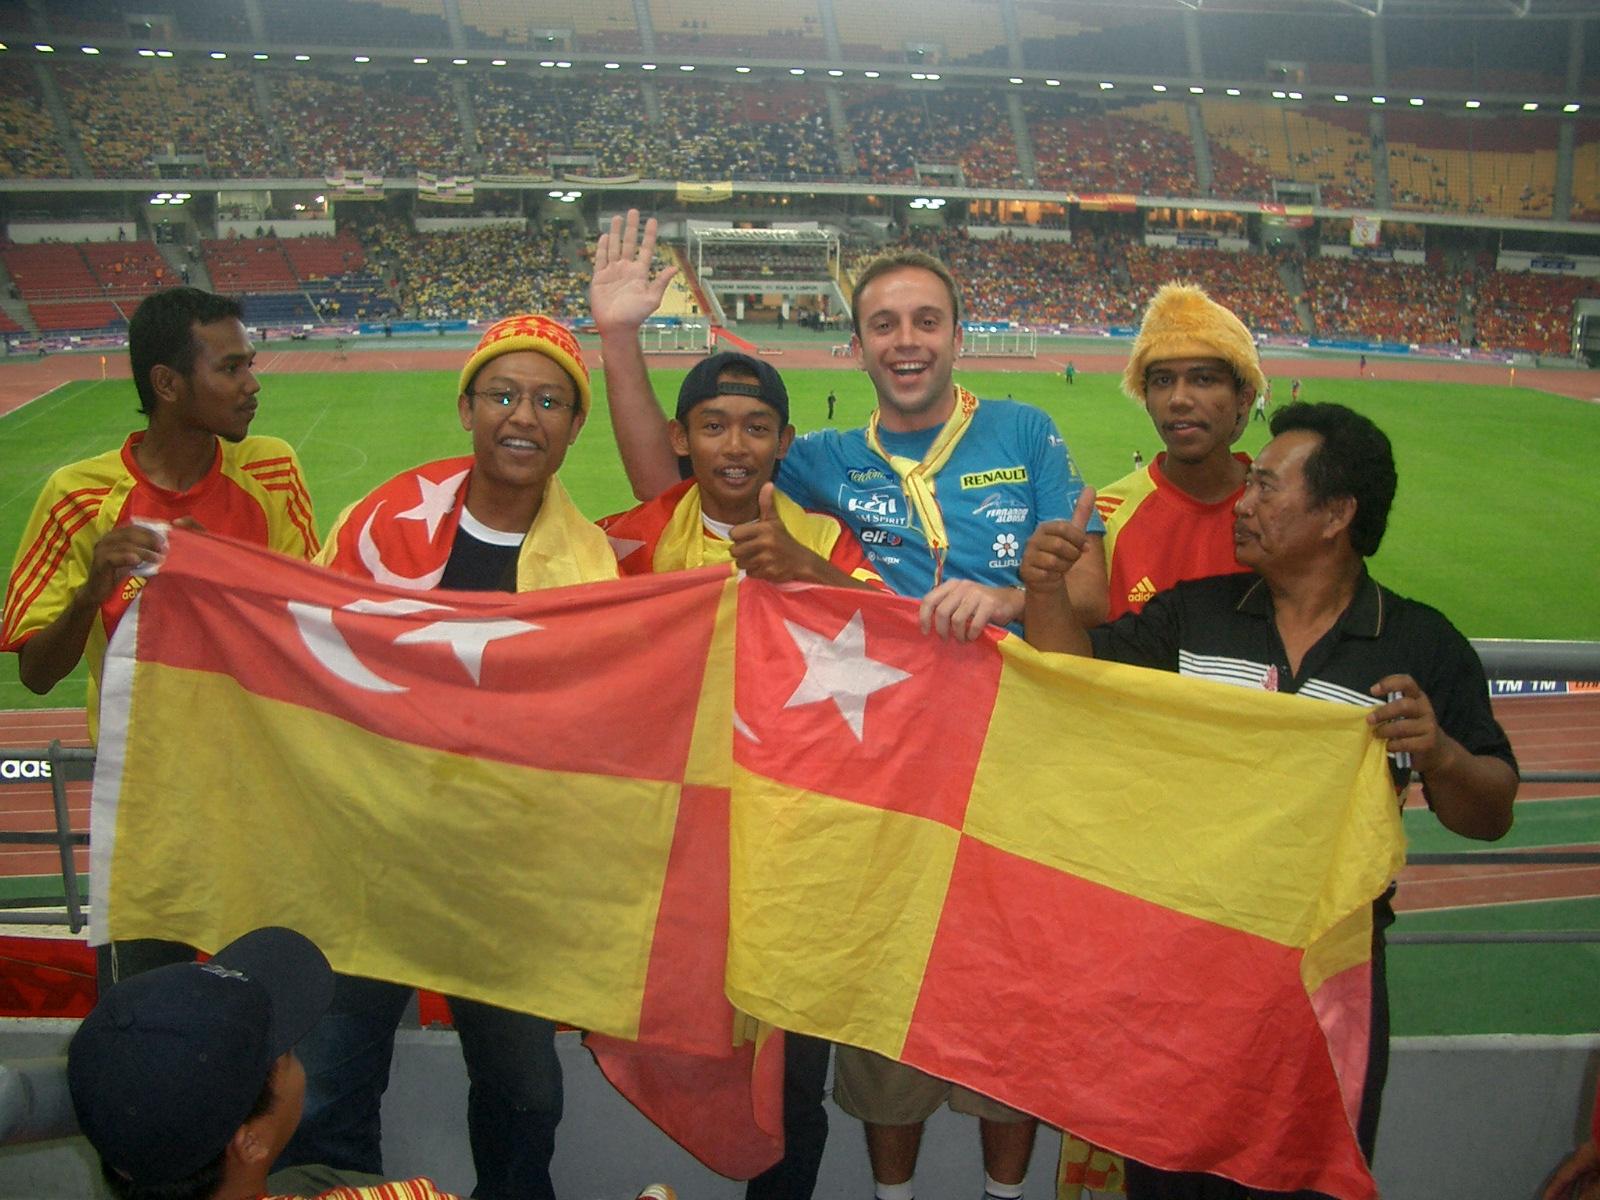 El estadio Nacional Bukit Jalil en Malasia es el quinto más grande del mundo y uno de los que más ha impresionado a Gerardo.